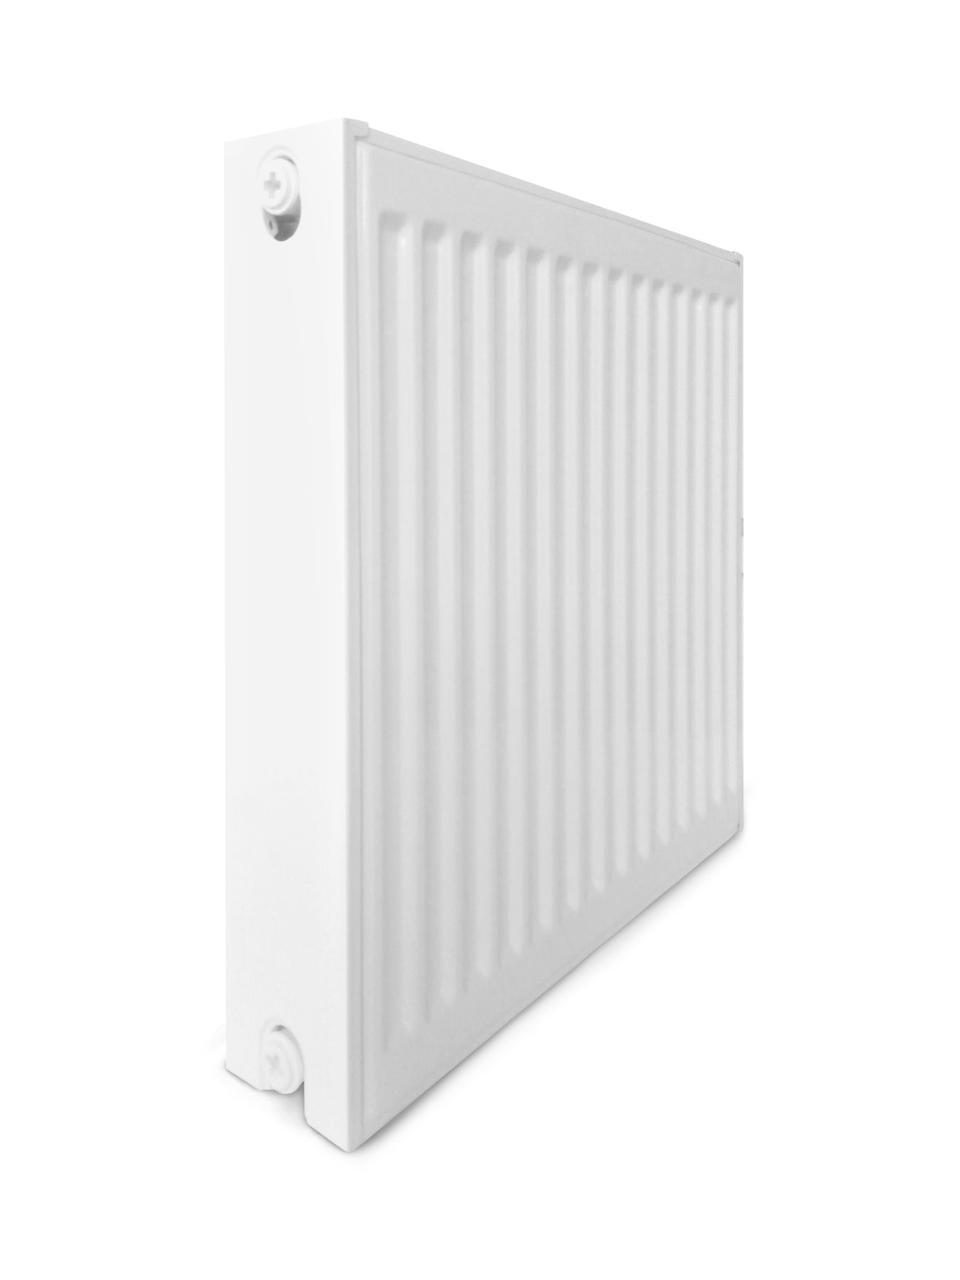 Радиатор стальной панельный Optimum боковой 500 на 2200 мм тип 22 ( 4488 Вт)